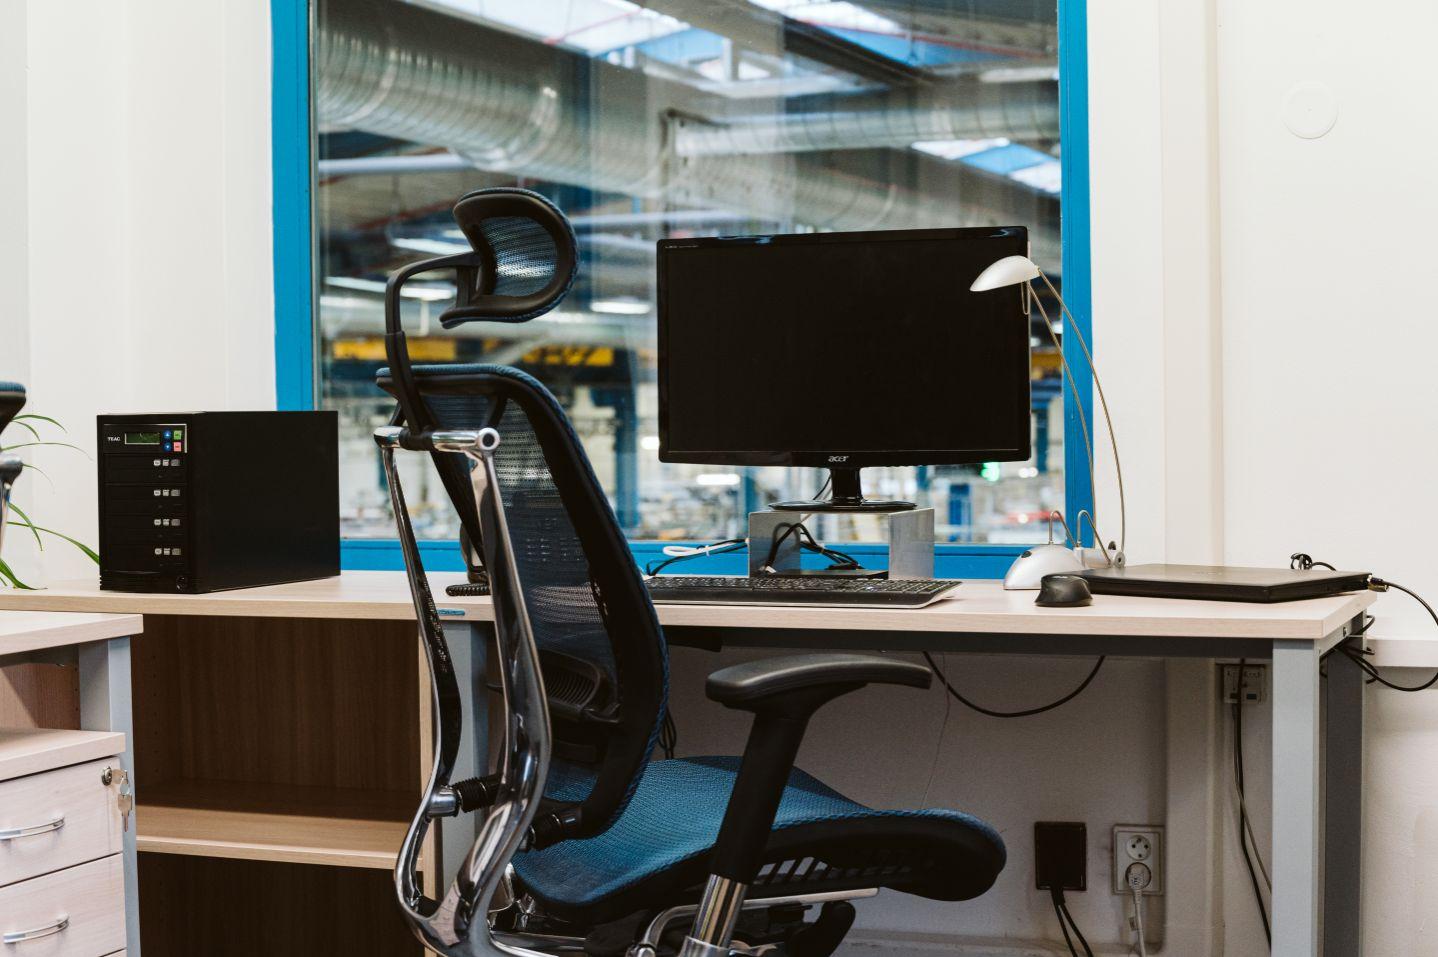 [Prípadovka] 3D návrh pomohol zvýšiť kapacitu kancelárie, zrýchliť dodanie aj ušetriť za nábytok na mieru